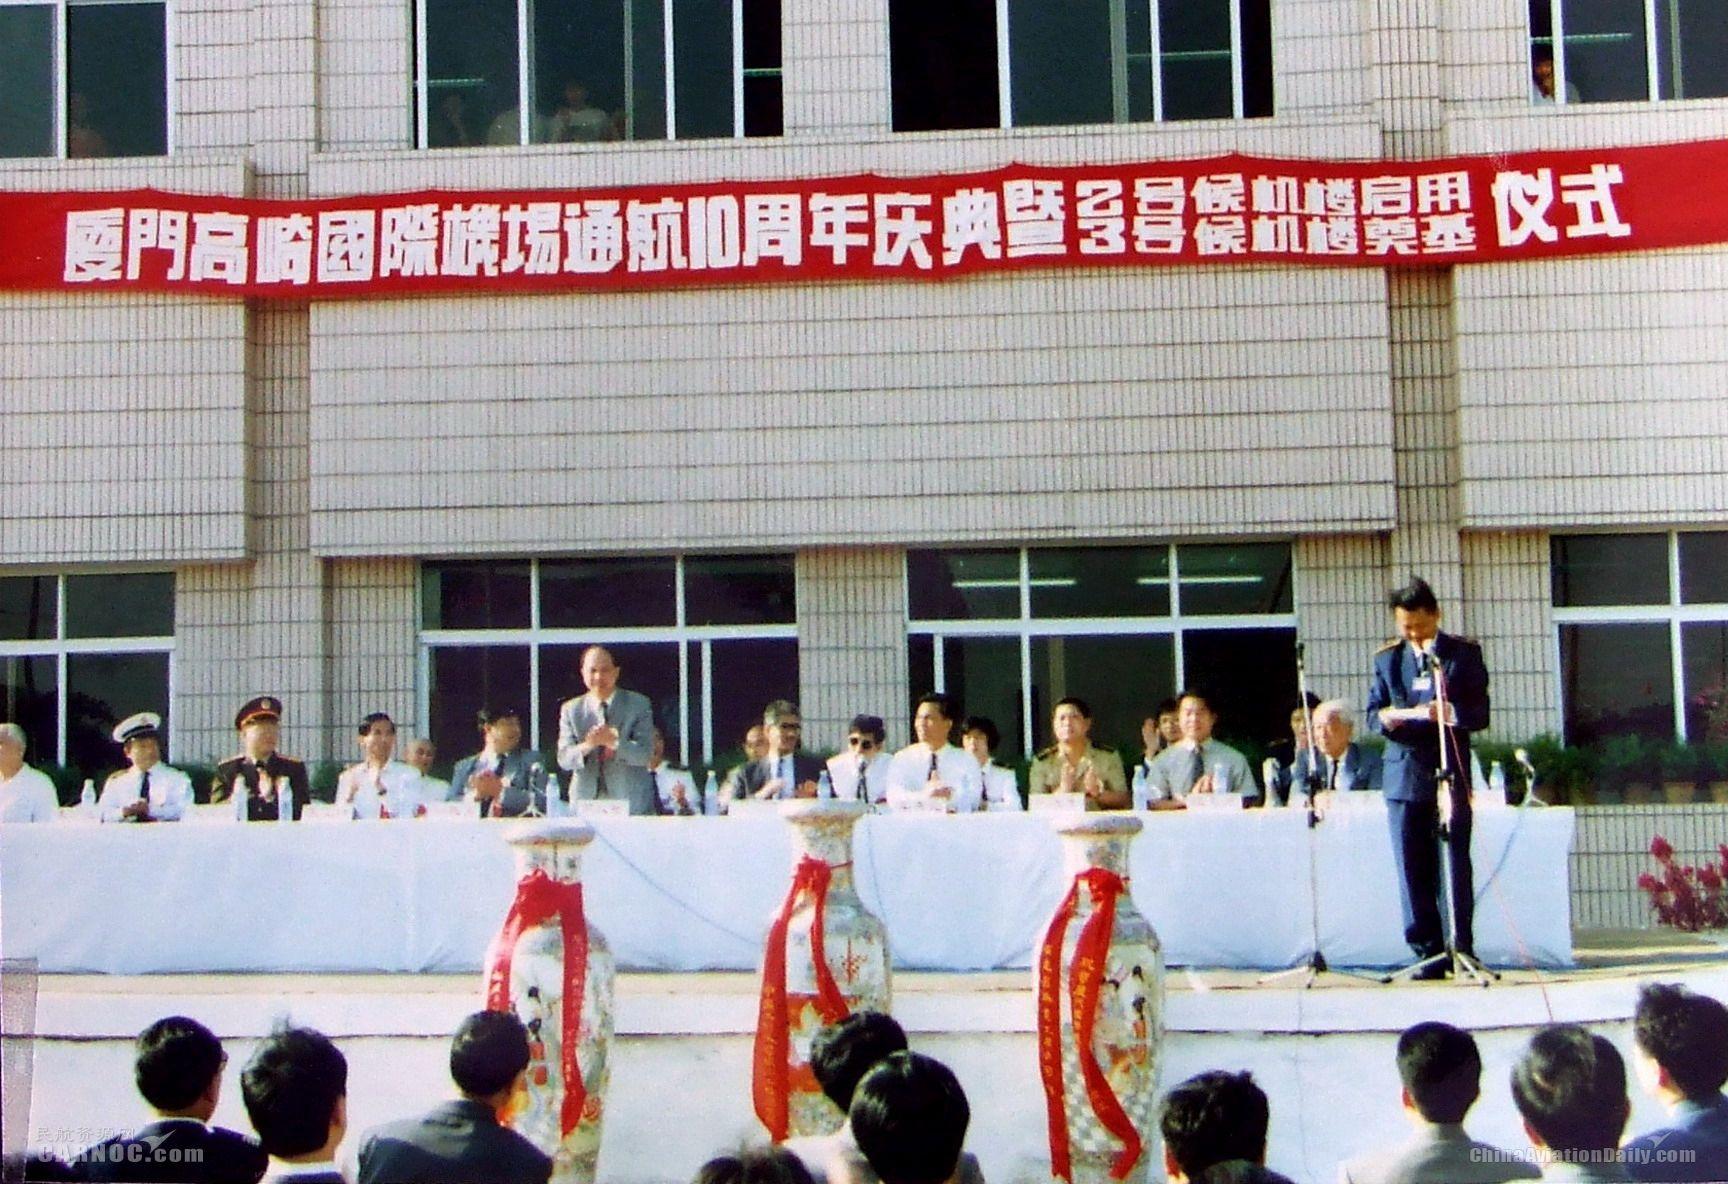 1993年厦门机场通航10周年庆典暨二期工程全面动工